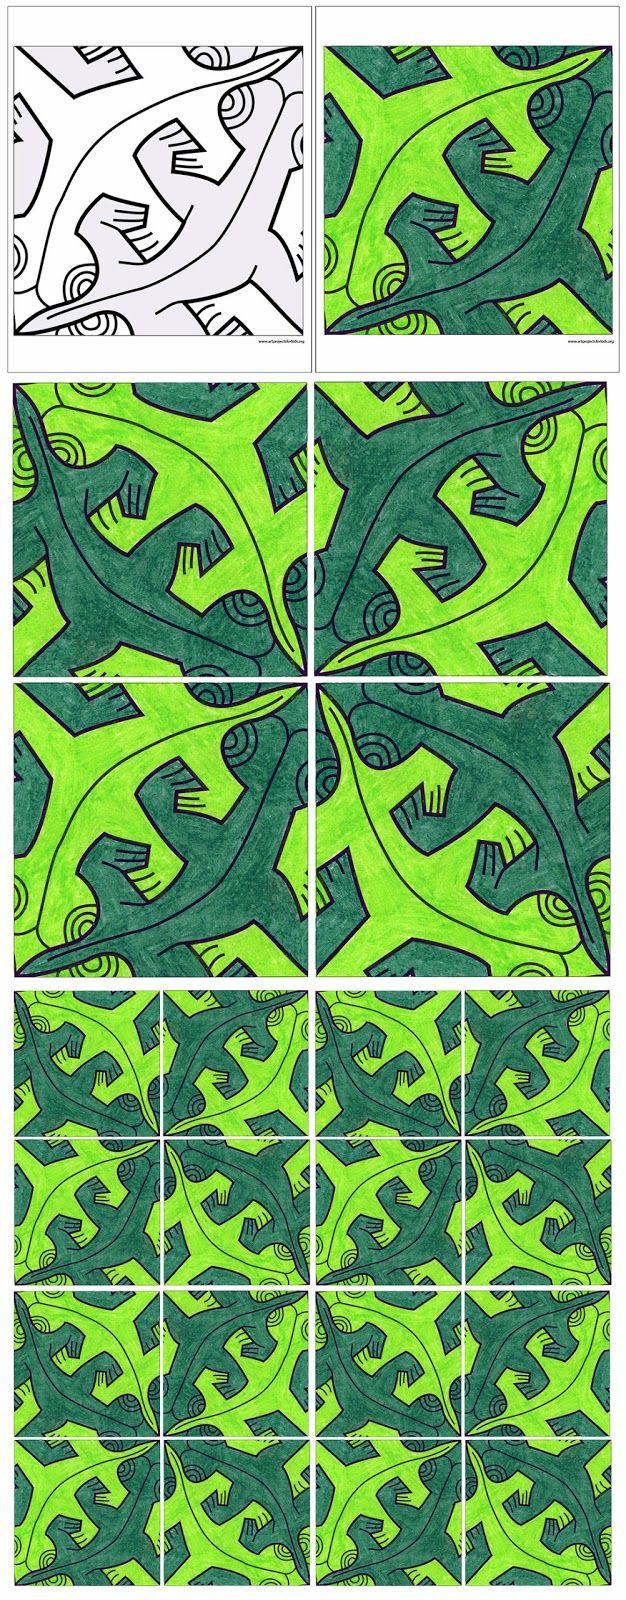 Art Projects For Kids Escher Mural Free Page Download Kunst Voor Kinderen Kunstlessen Knutselen Kunst